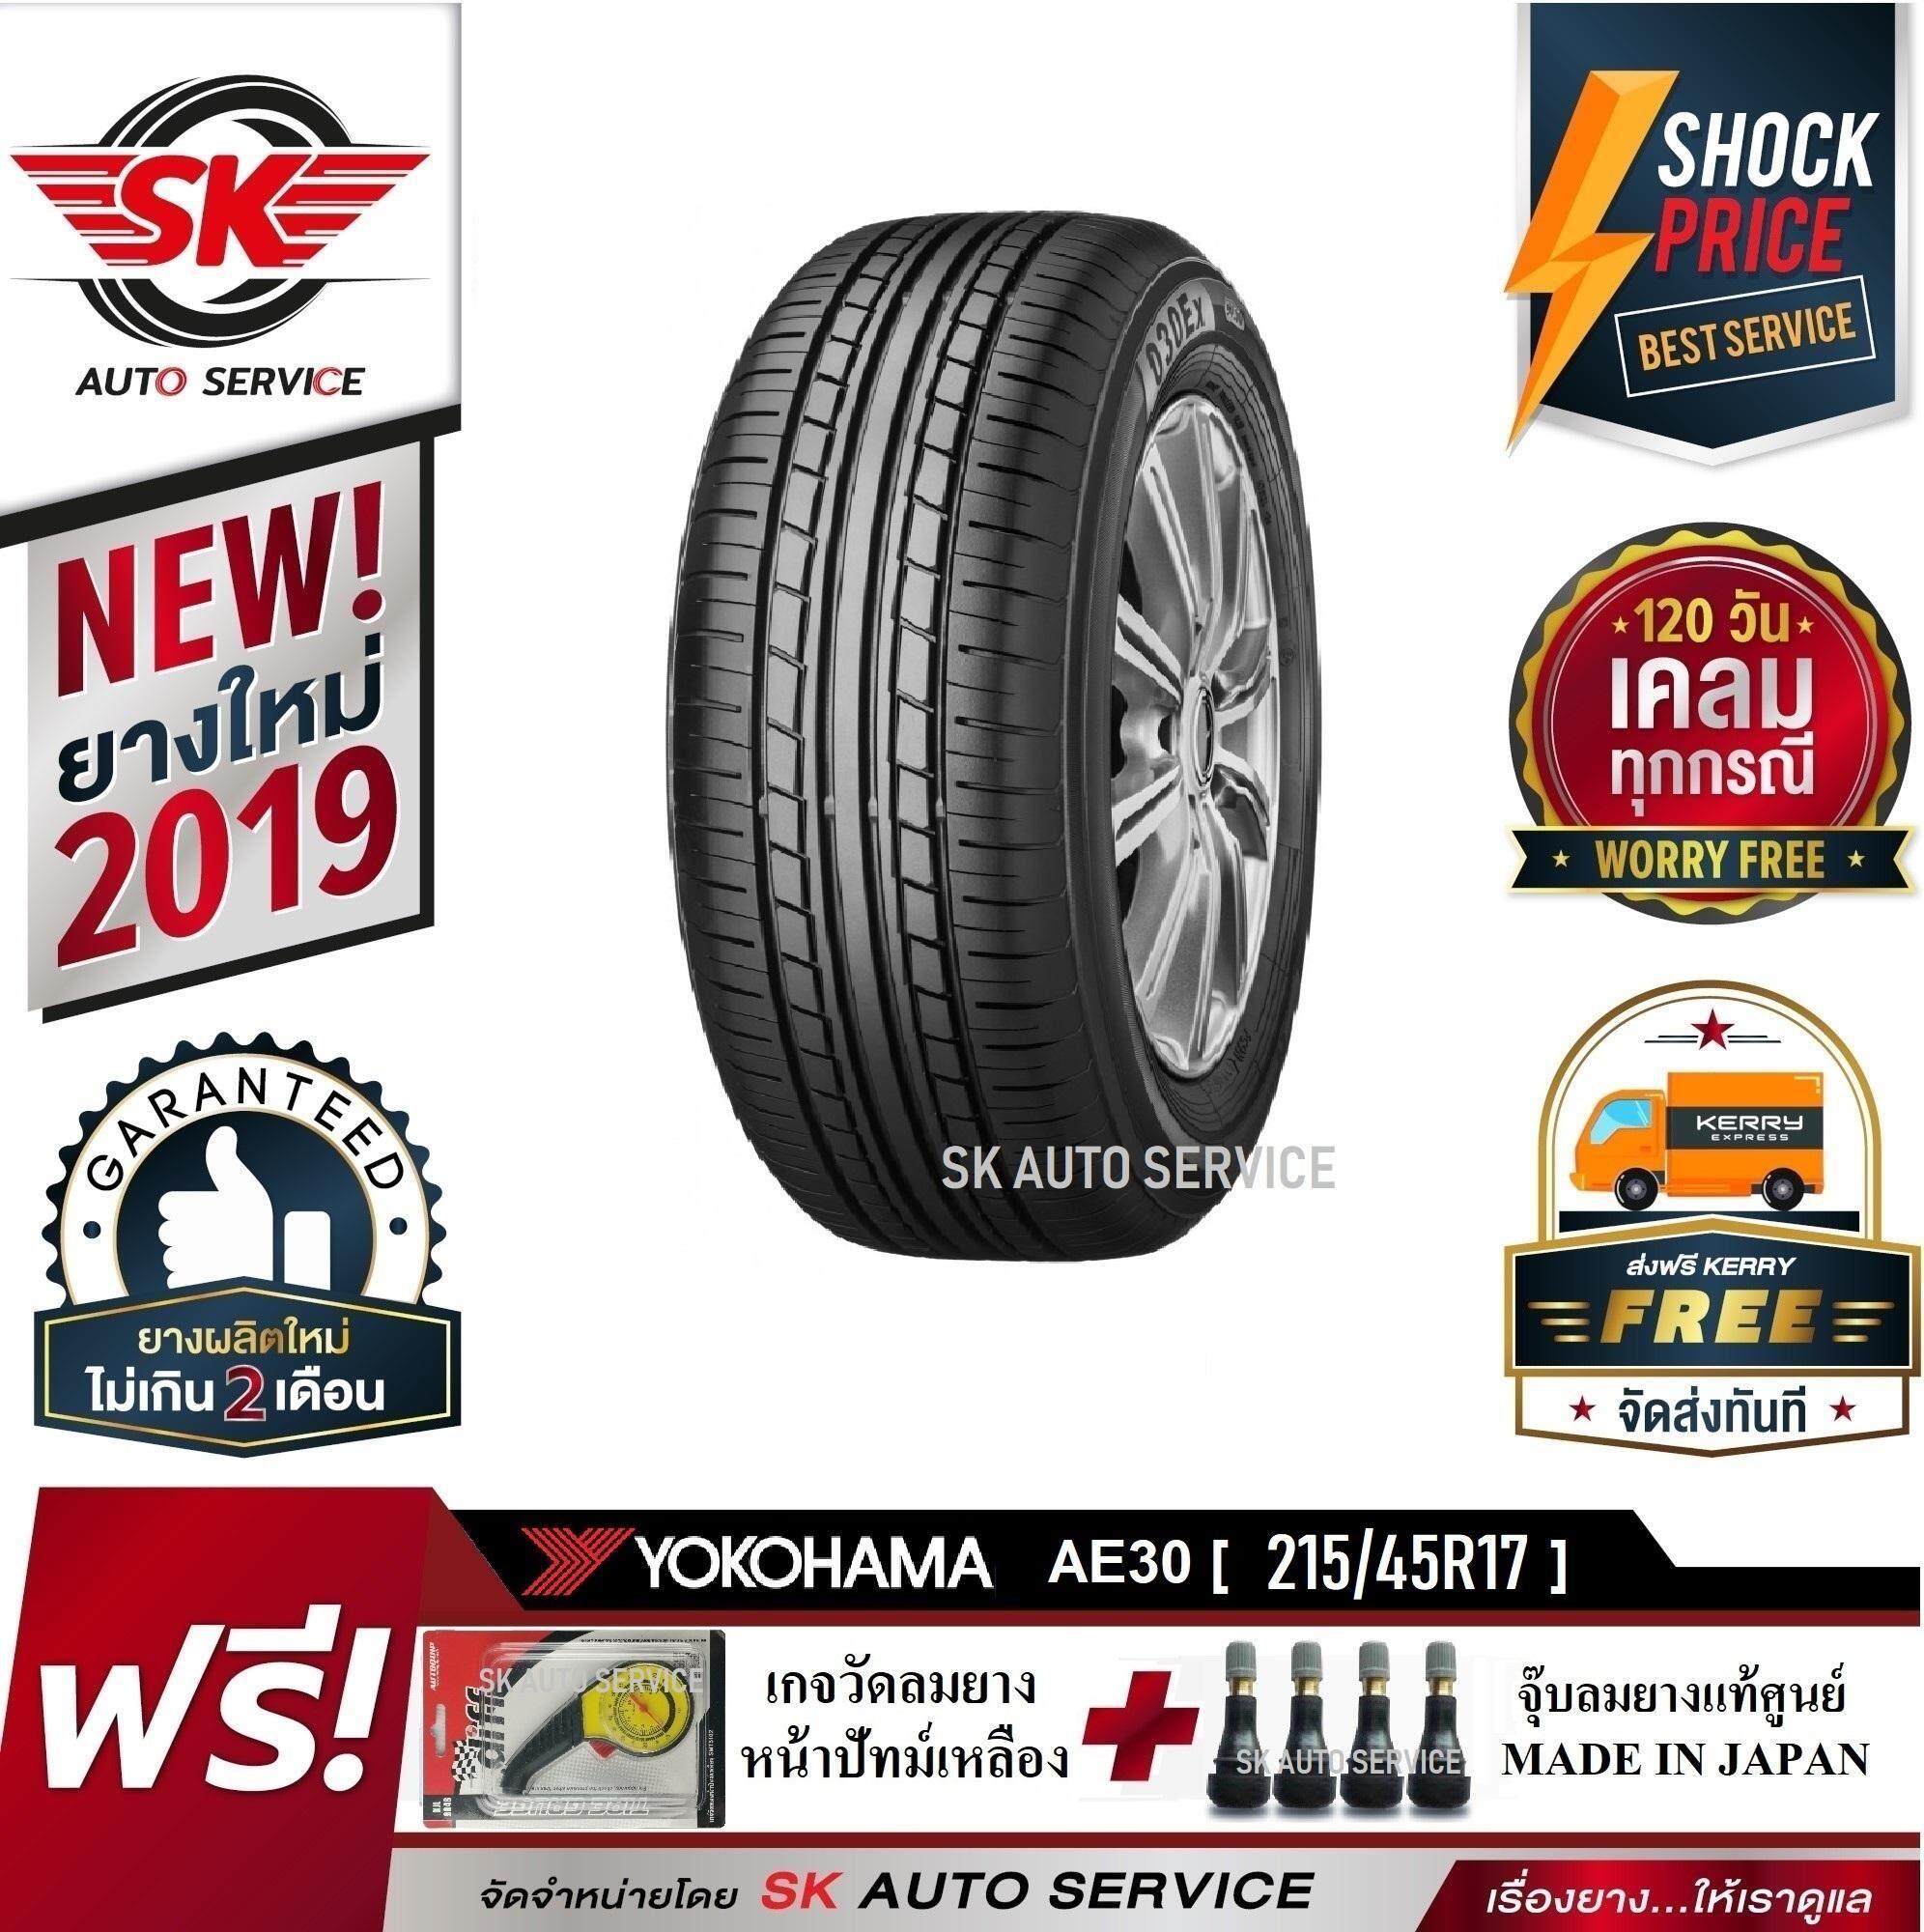 ราชบุรี YOKOHAMA ยางรถยนต์ 215/45R17 (ล้อขอบ17) รุ่น AL30 Ex 4 เส้น(ยางใหม่กริ๊ปปี 2019)